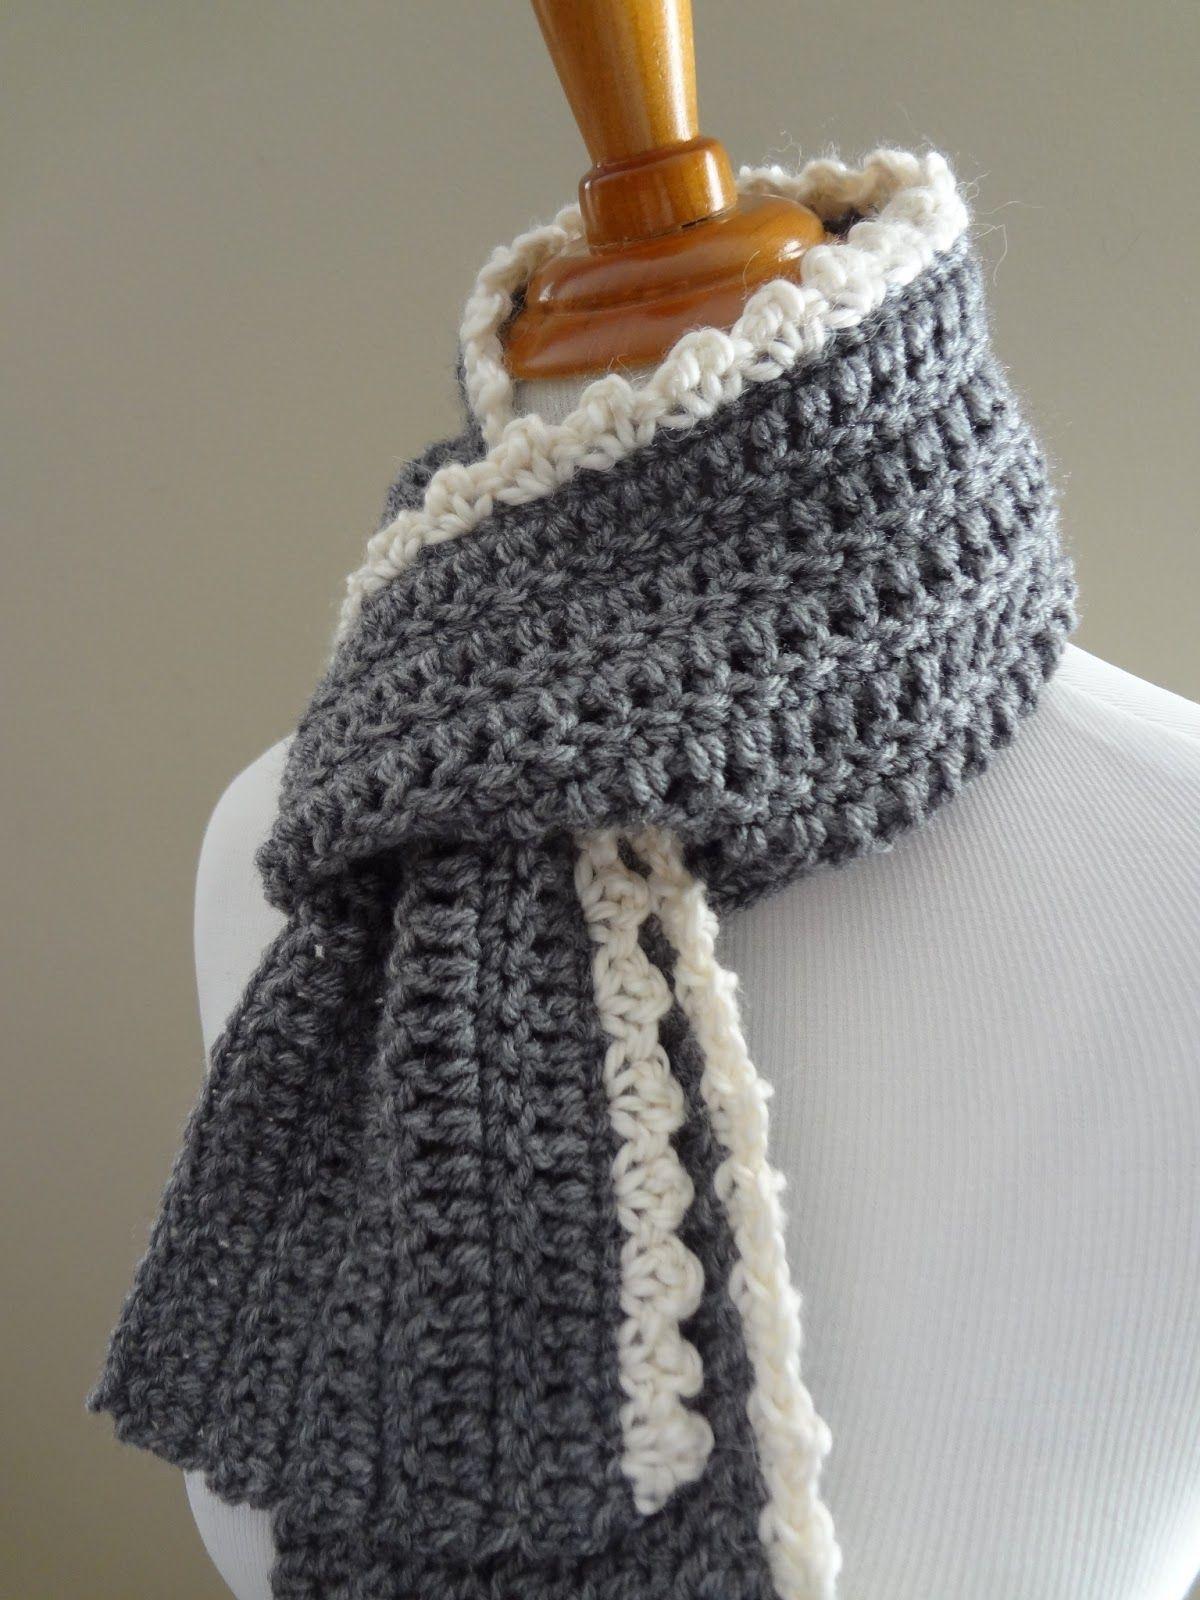 Free Crochet Patterningrid Scarf | Crochet | Crochet Scarves - Free Printable Crochet Scarf Patterns